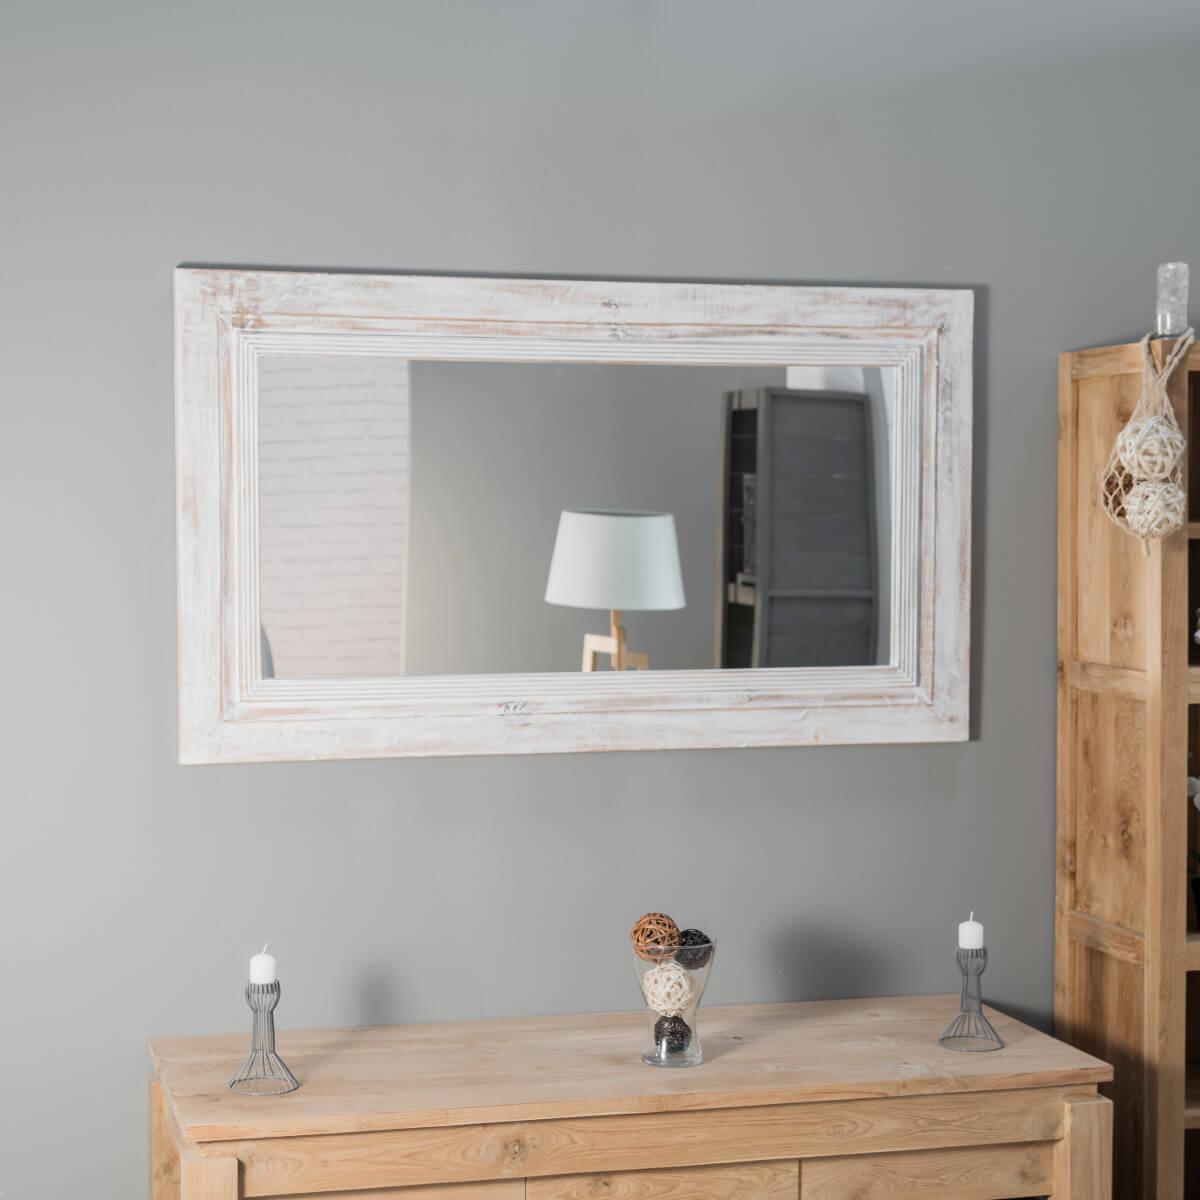 Espejo venecia de madera con p tina lacado blanco 140 x 80 cm for Espejo 140 x 80